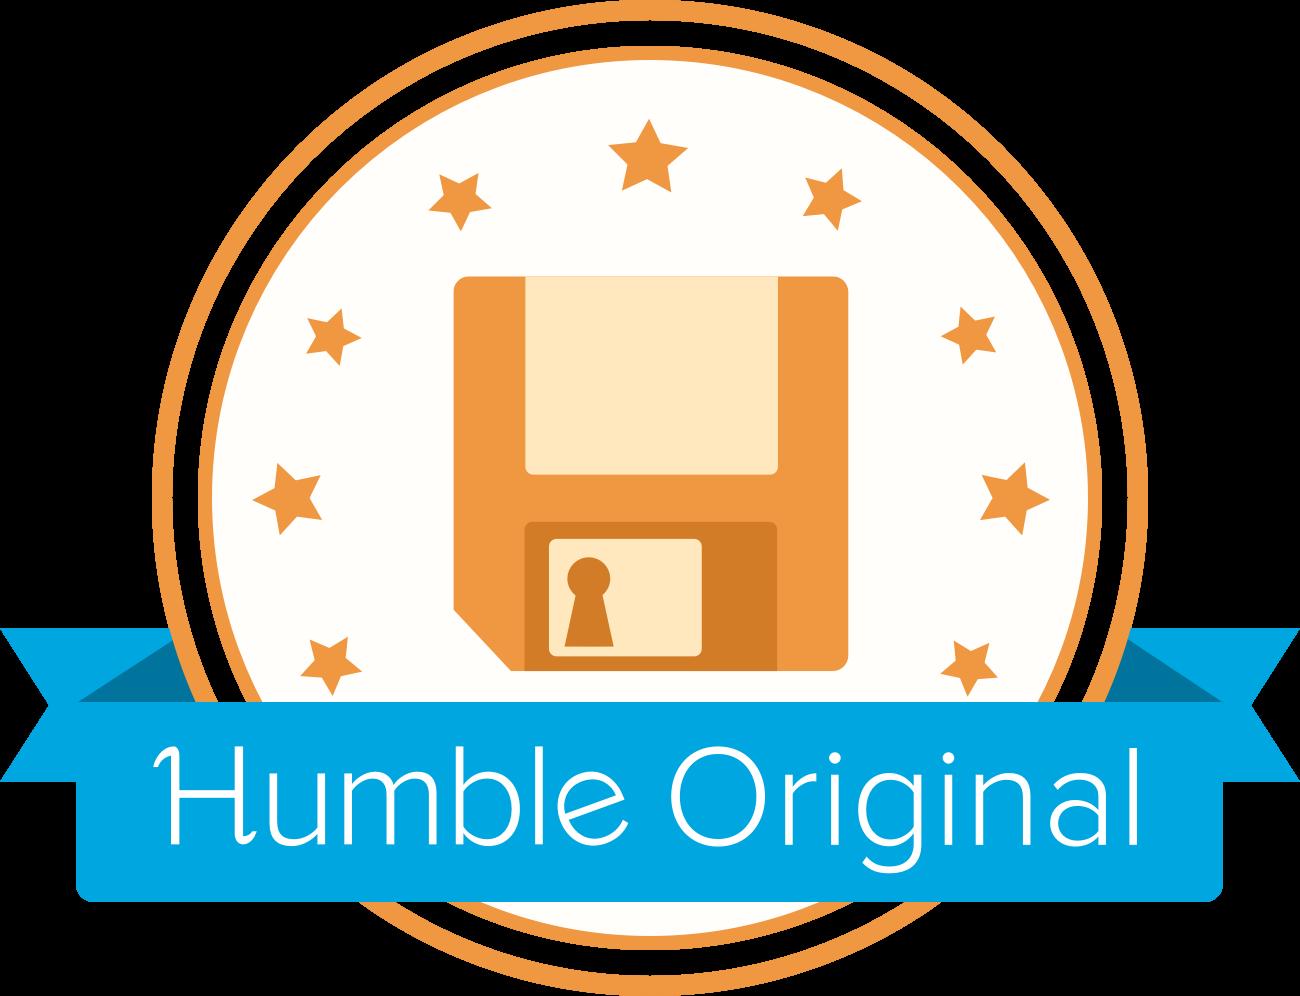 Humble Original@2x